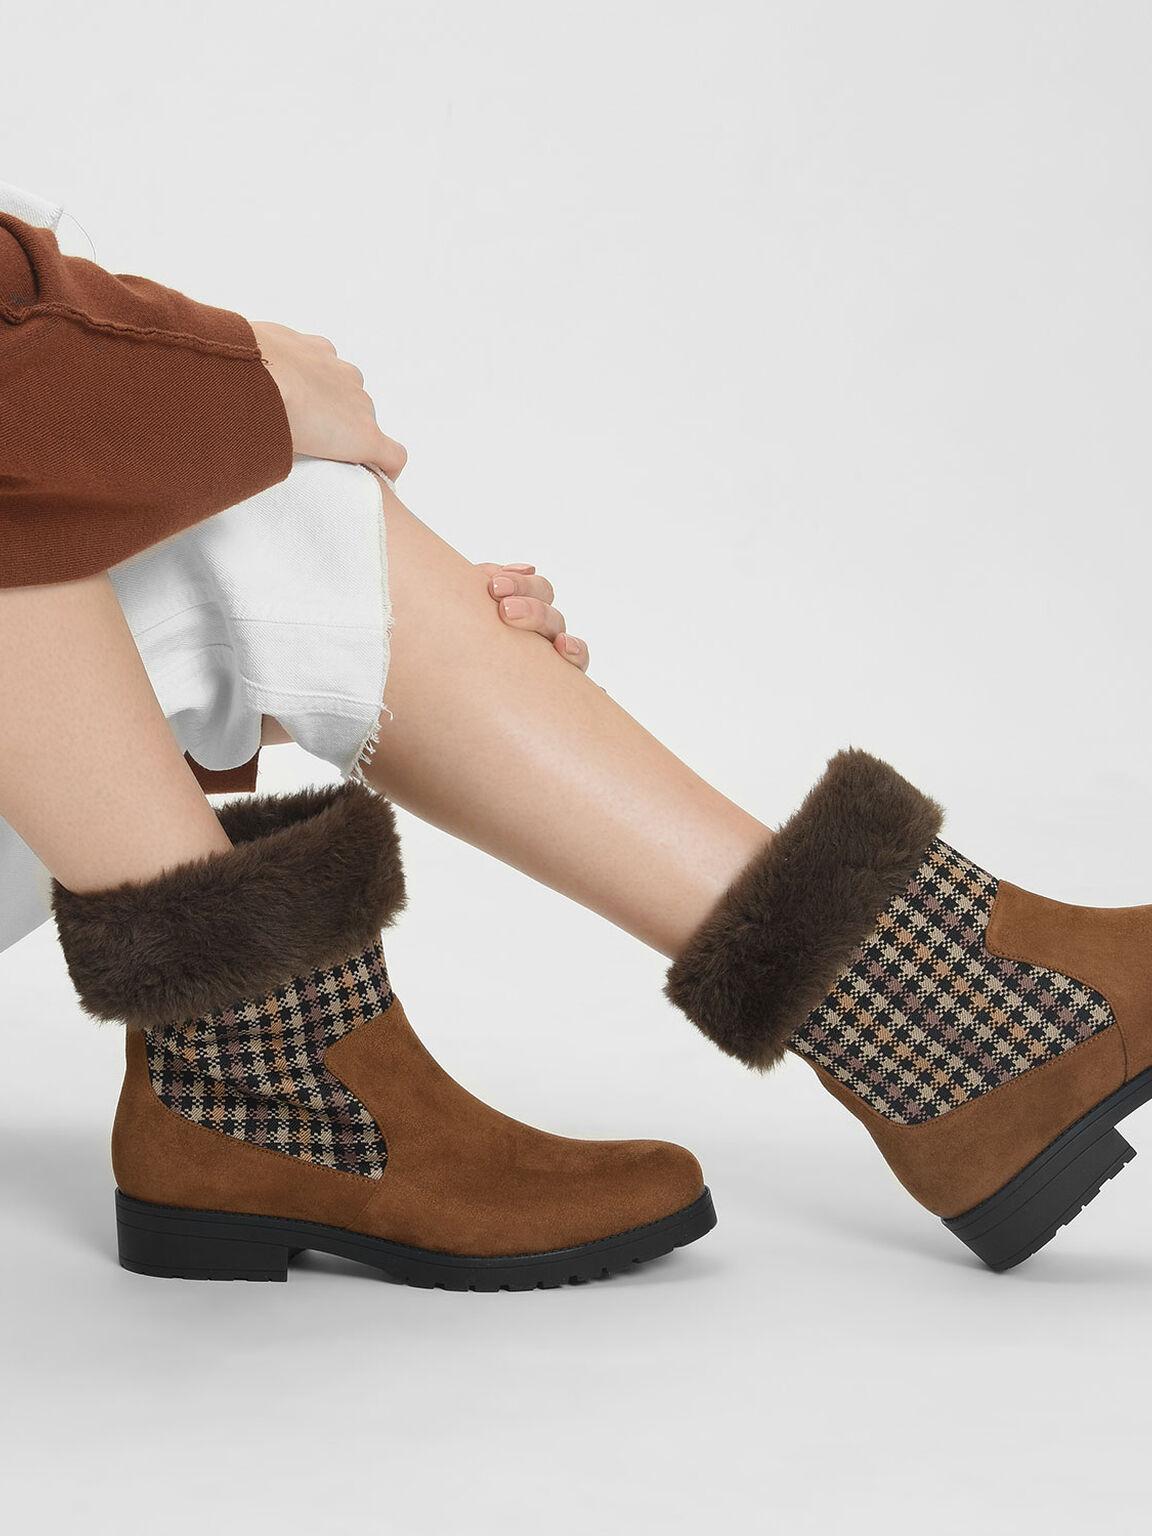 毛毛格紋短靴, 土黃色, hi-res